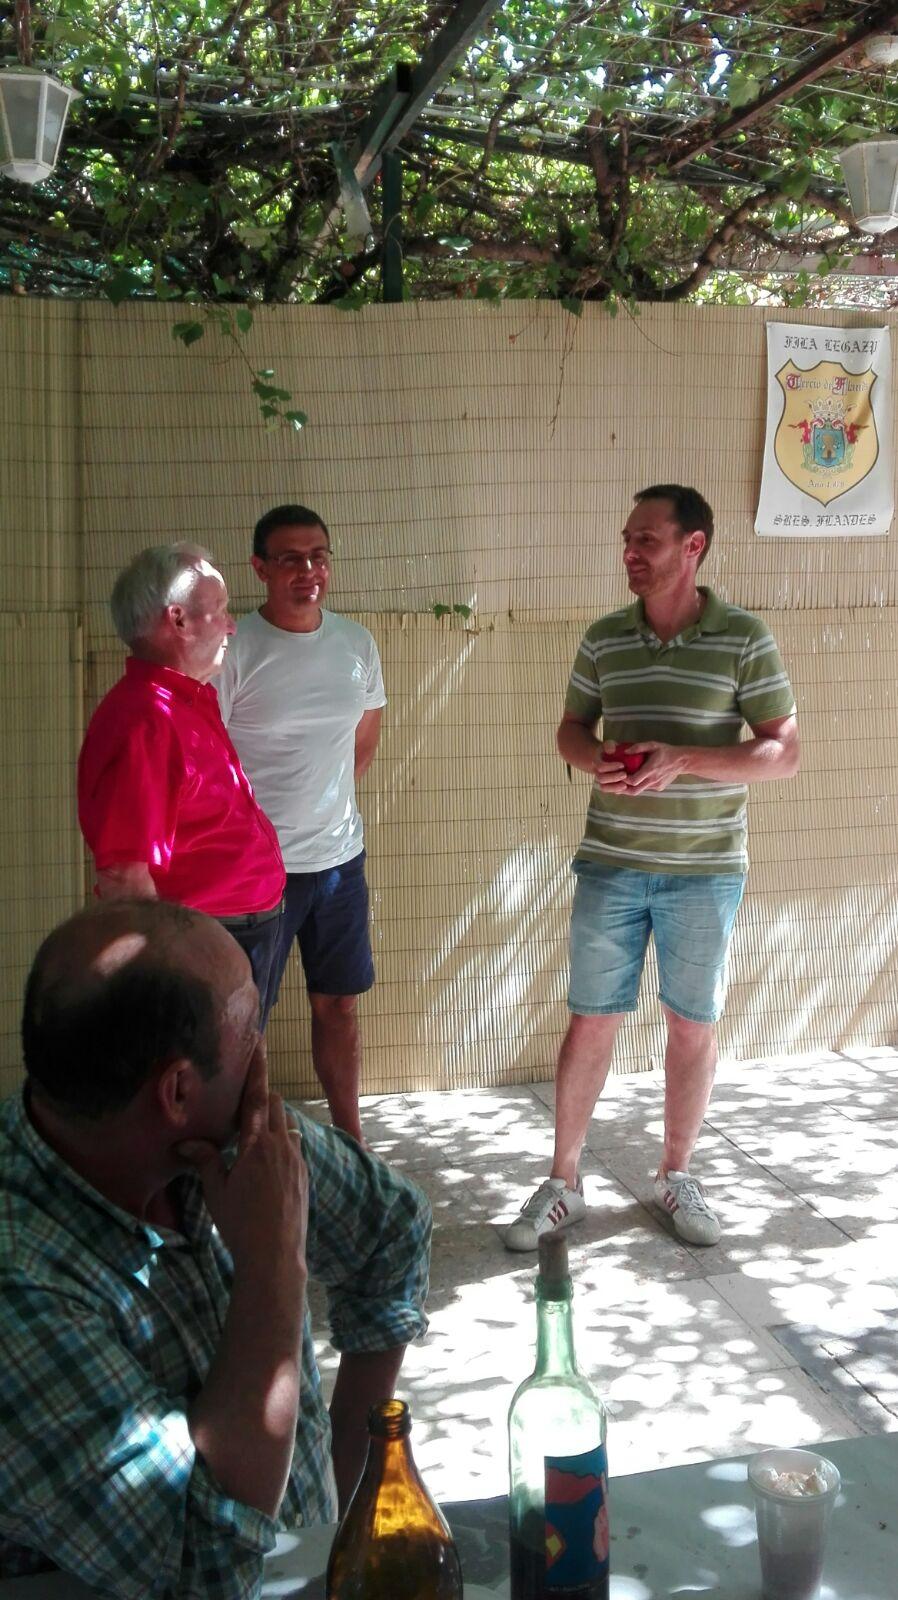 (2016-07-02) - Almuerzo del Costalero - (39)